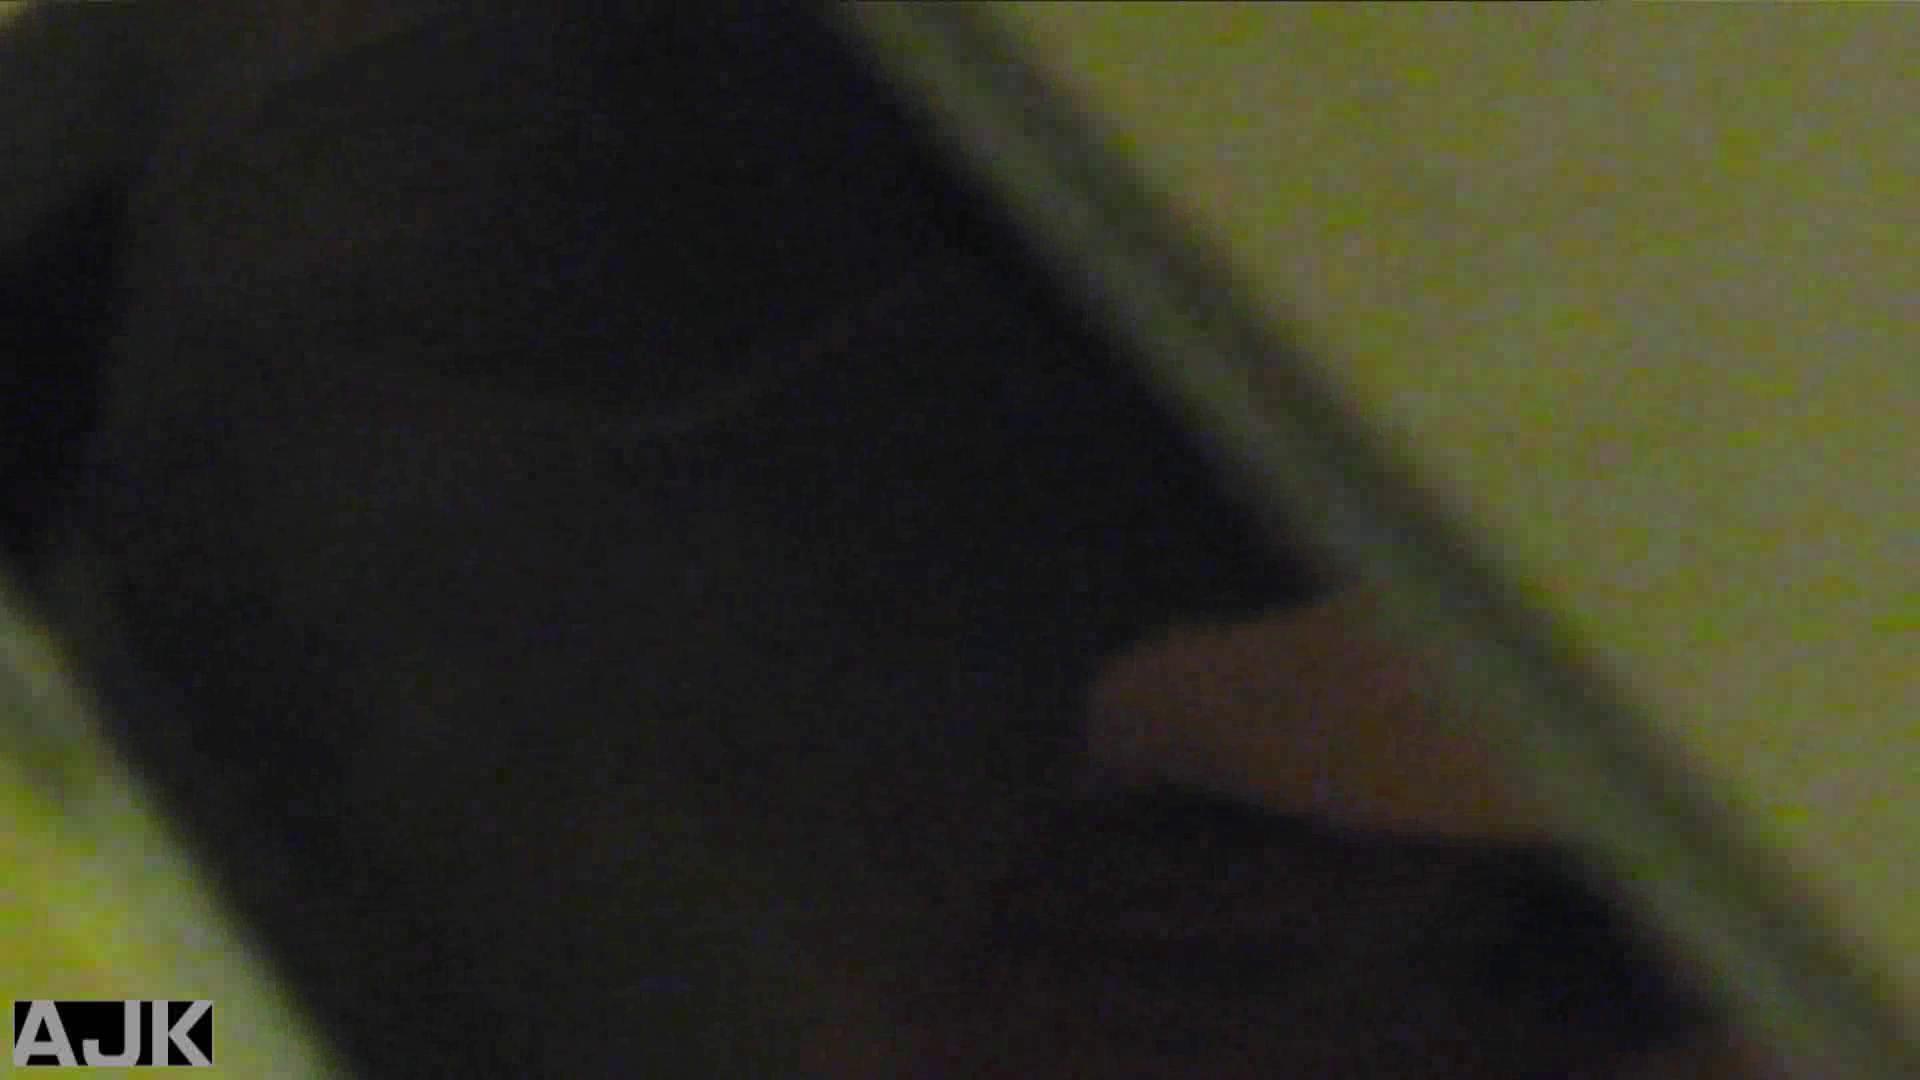 隣国上階級エリアの令嬢たちが集うデパートお手洗い Vol.20 盗撮・必見 ヌード画像 81画像 68